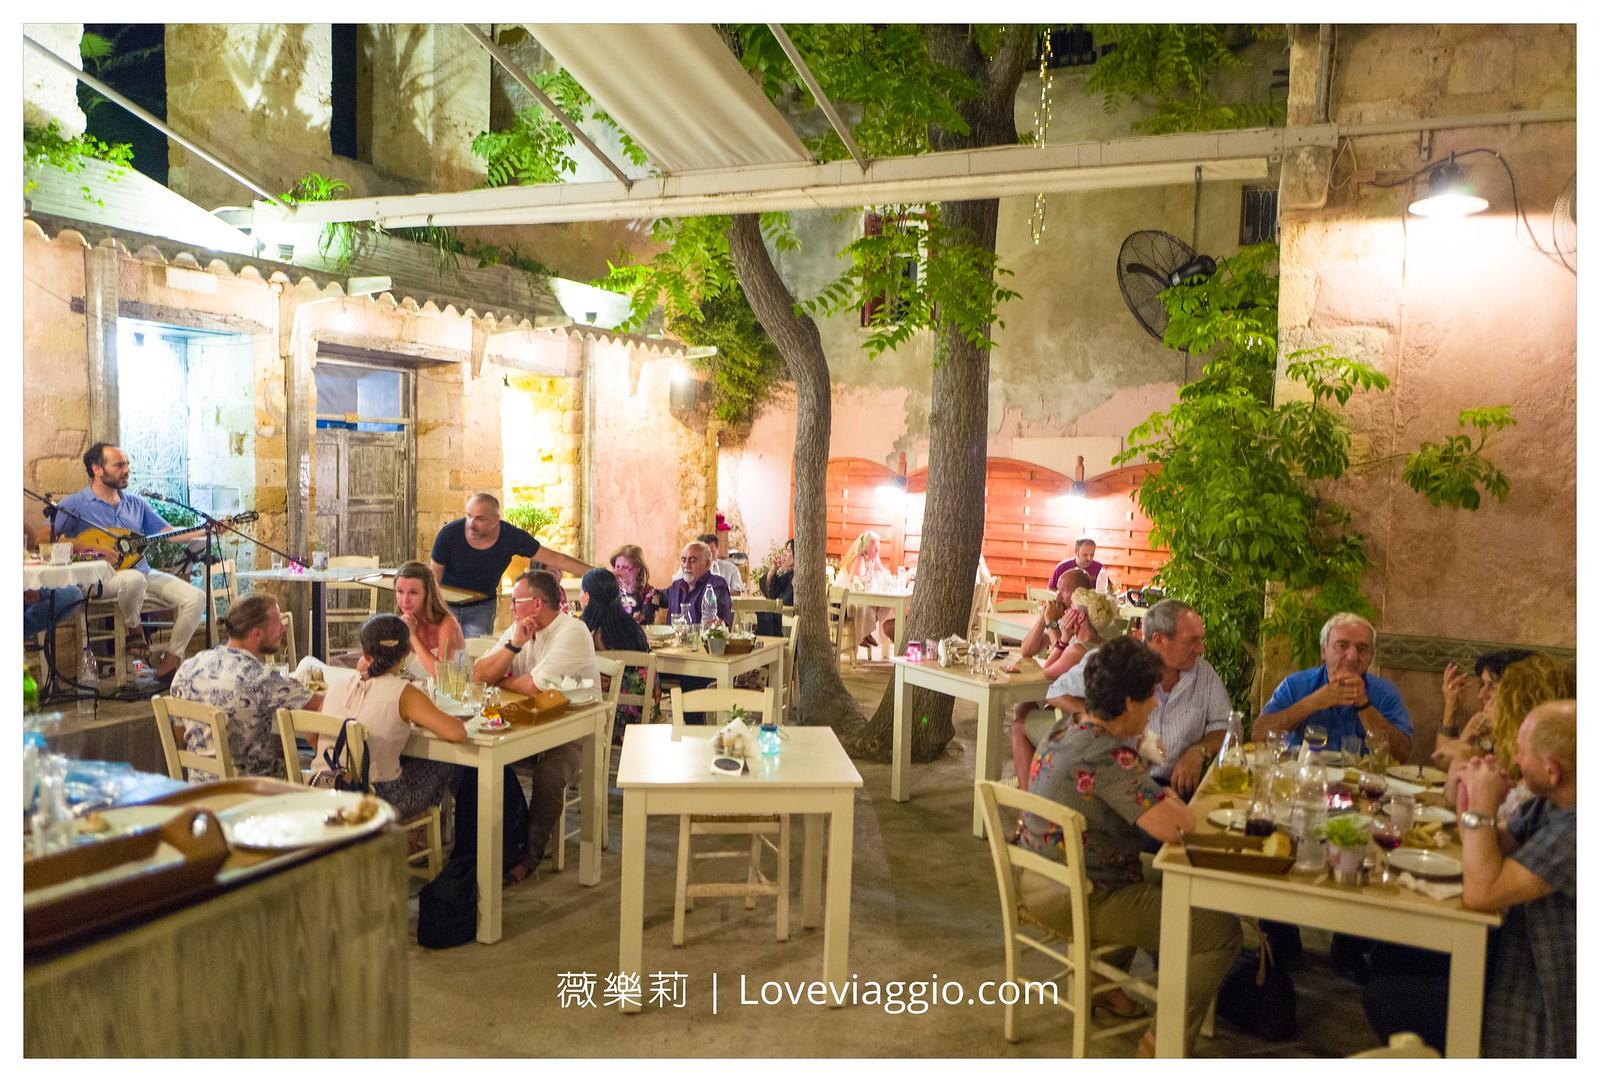 【希臘克里特島Crete】克里特島晚餐Mesostrato 希臘露天傳統音樂小酒館 @薇樂莉 Love Viaggio   旅行.生活.攝影